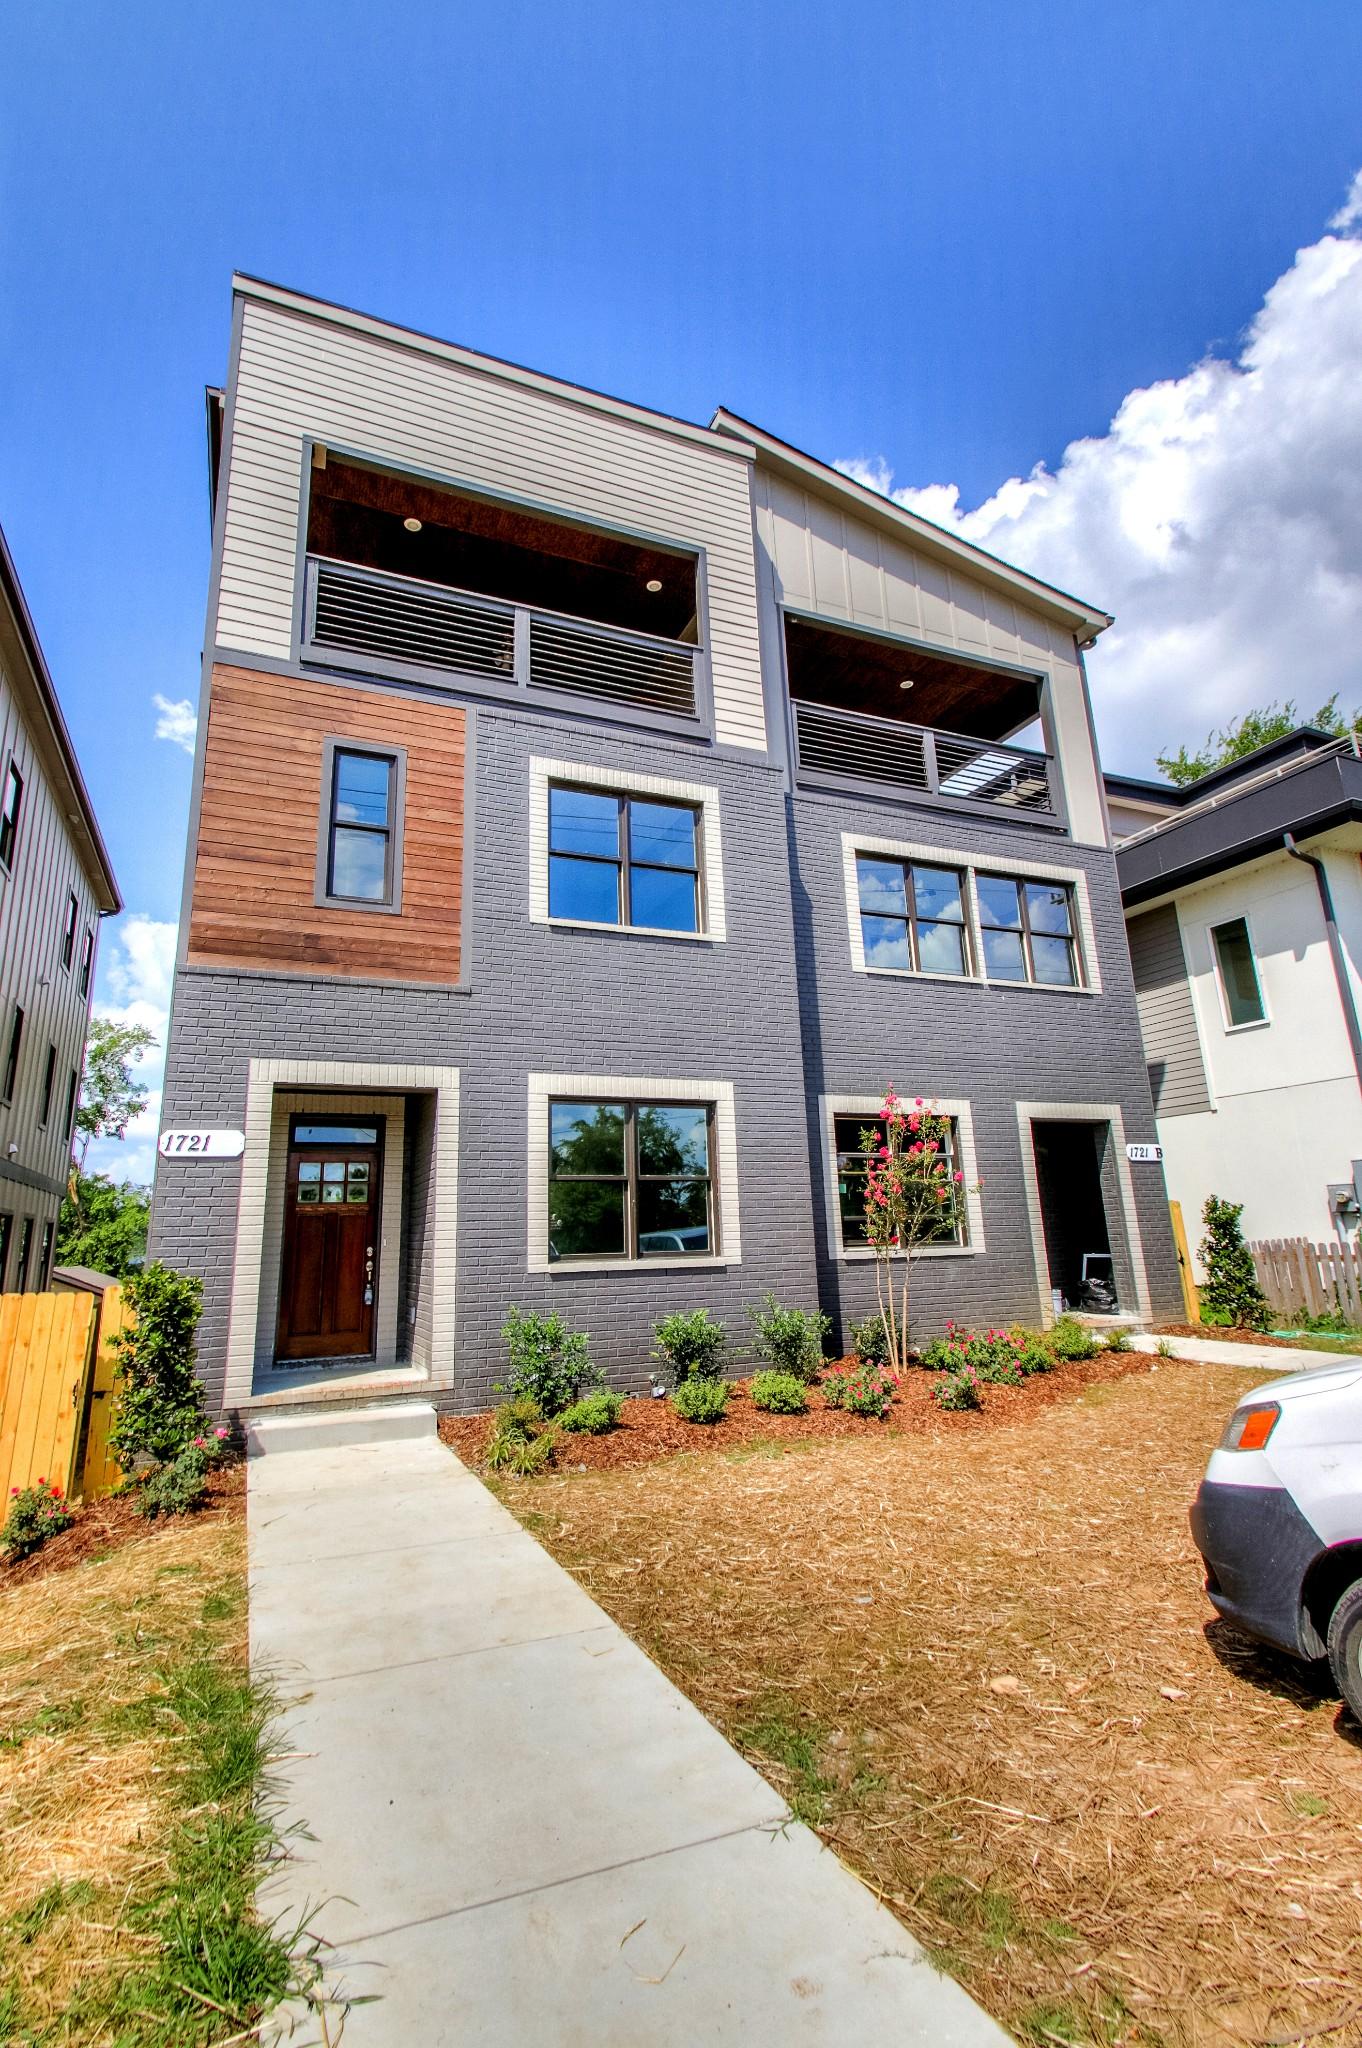 1721A 3rd Ave, N, Nashville, TN 37208 - Nashville, TN real estate listing